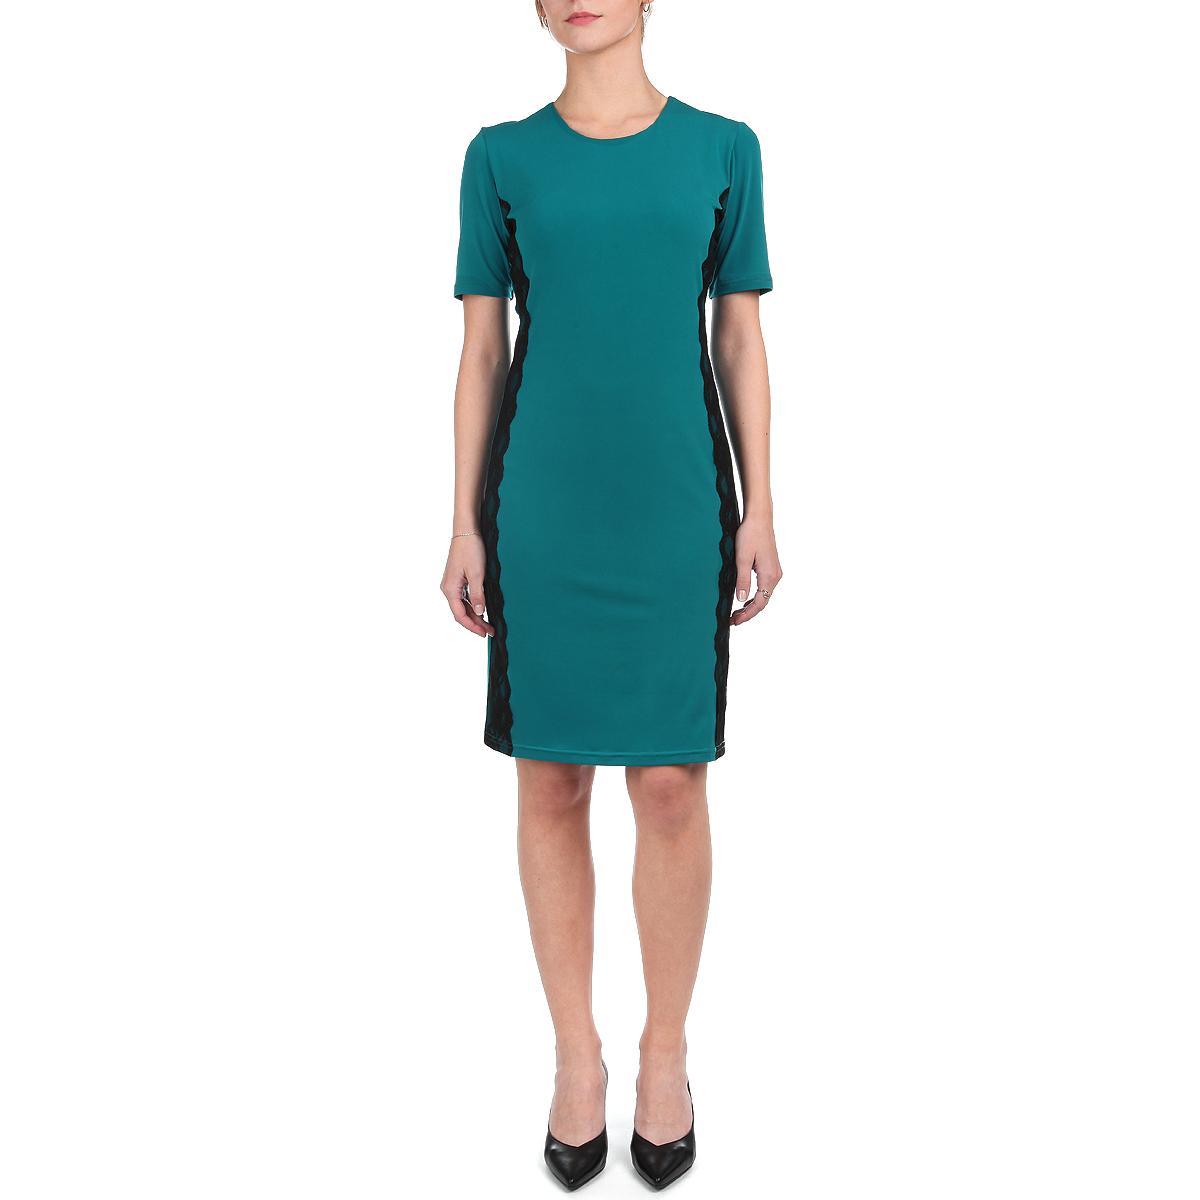 Платье Lautus, цвет: темно-бирюзовый, черный. 605. Размер 48605Элегантное платье Lautus выполнено из мягкого эластичного материала. Модель с короткими рукавами и круглым вырезом горловины подарит вам ощущение комфорта и уверенности. Облегающий крой и классическая длина до колена выгодно подчеркнут достоинства фигуры. Модель по бокам декорирована контрастными кружевными вставками. Модное платье - идеальный вариант для создания эффектного образа.